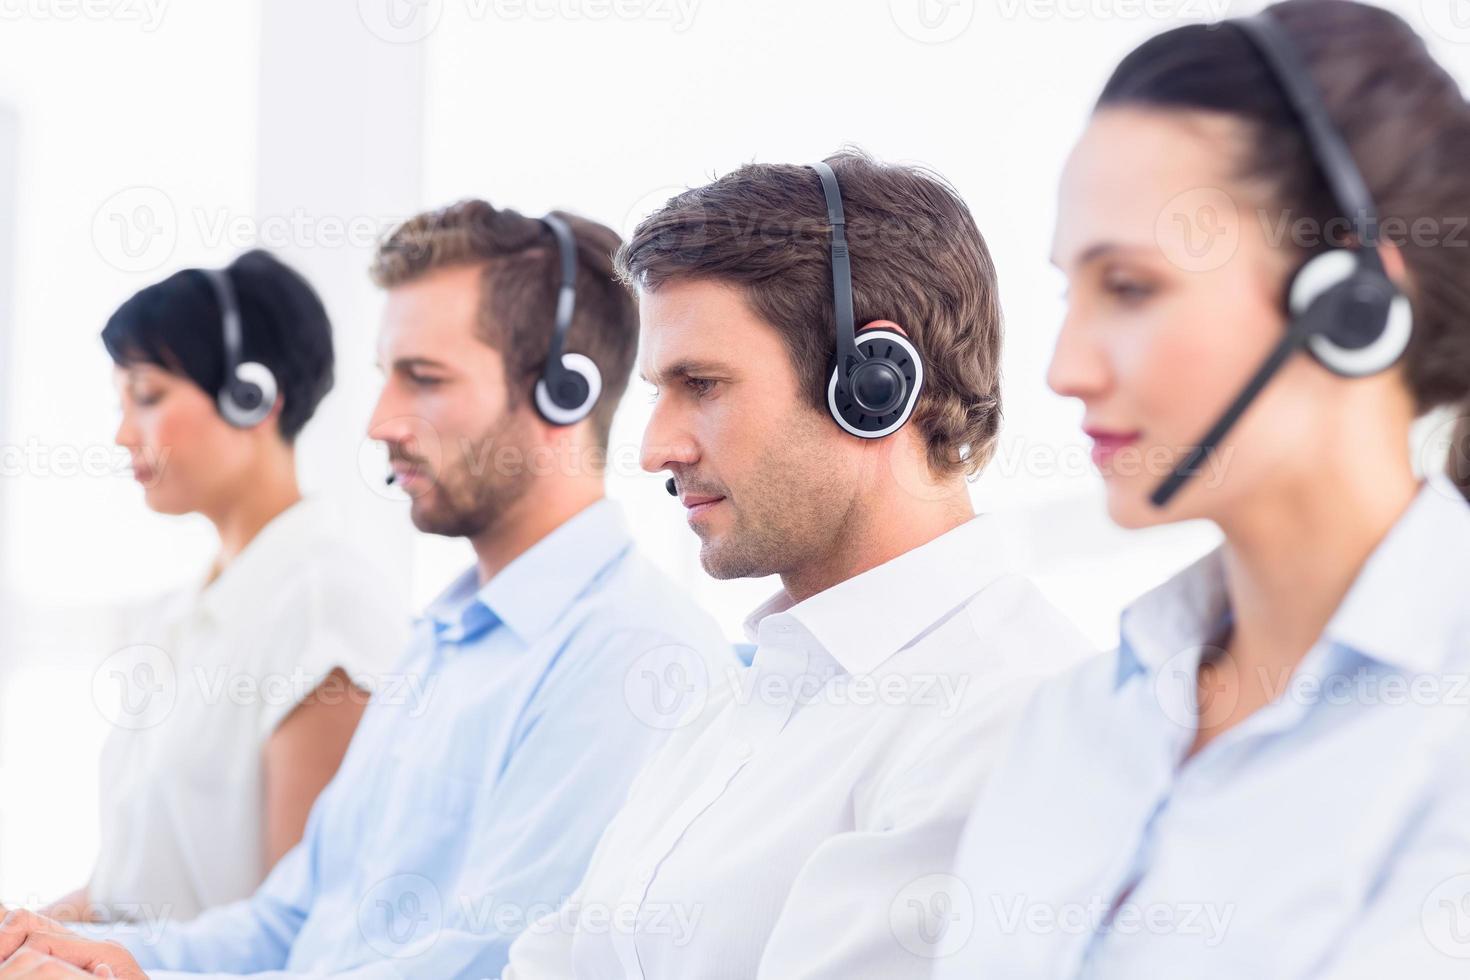 grupo de colegas de trabalho com fones de ouvido em uma linha foto